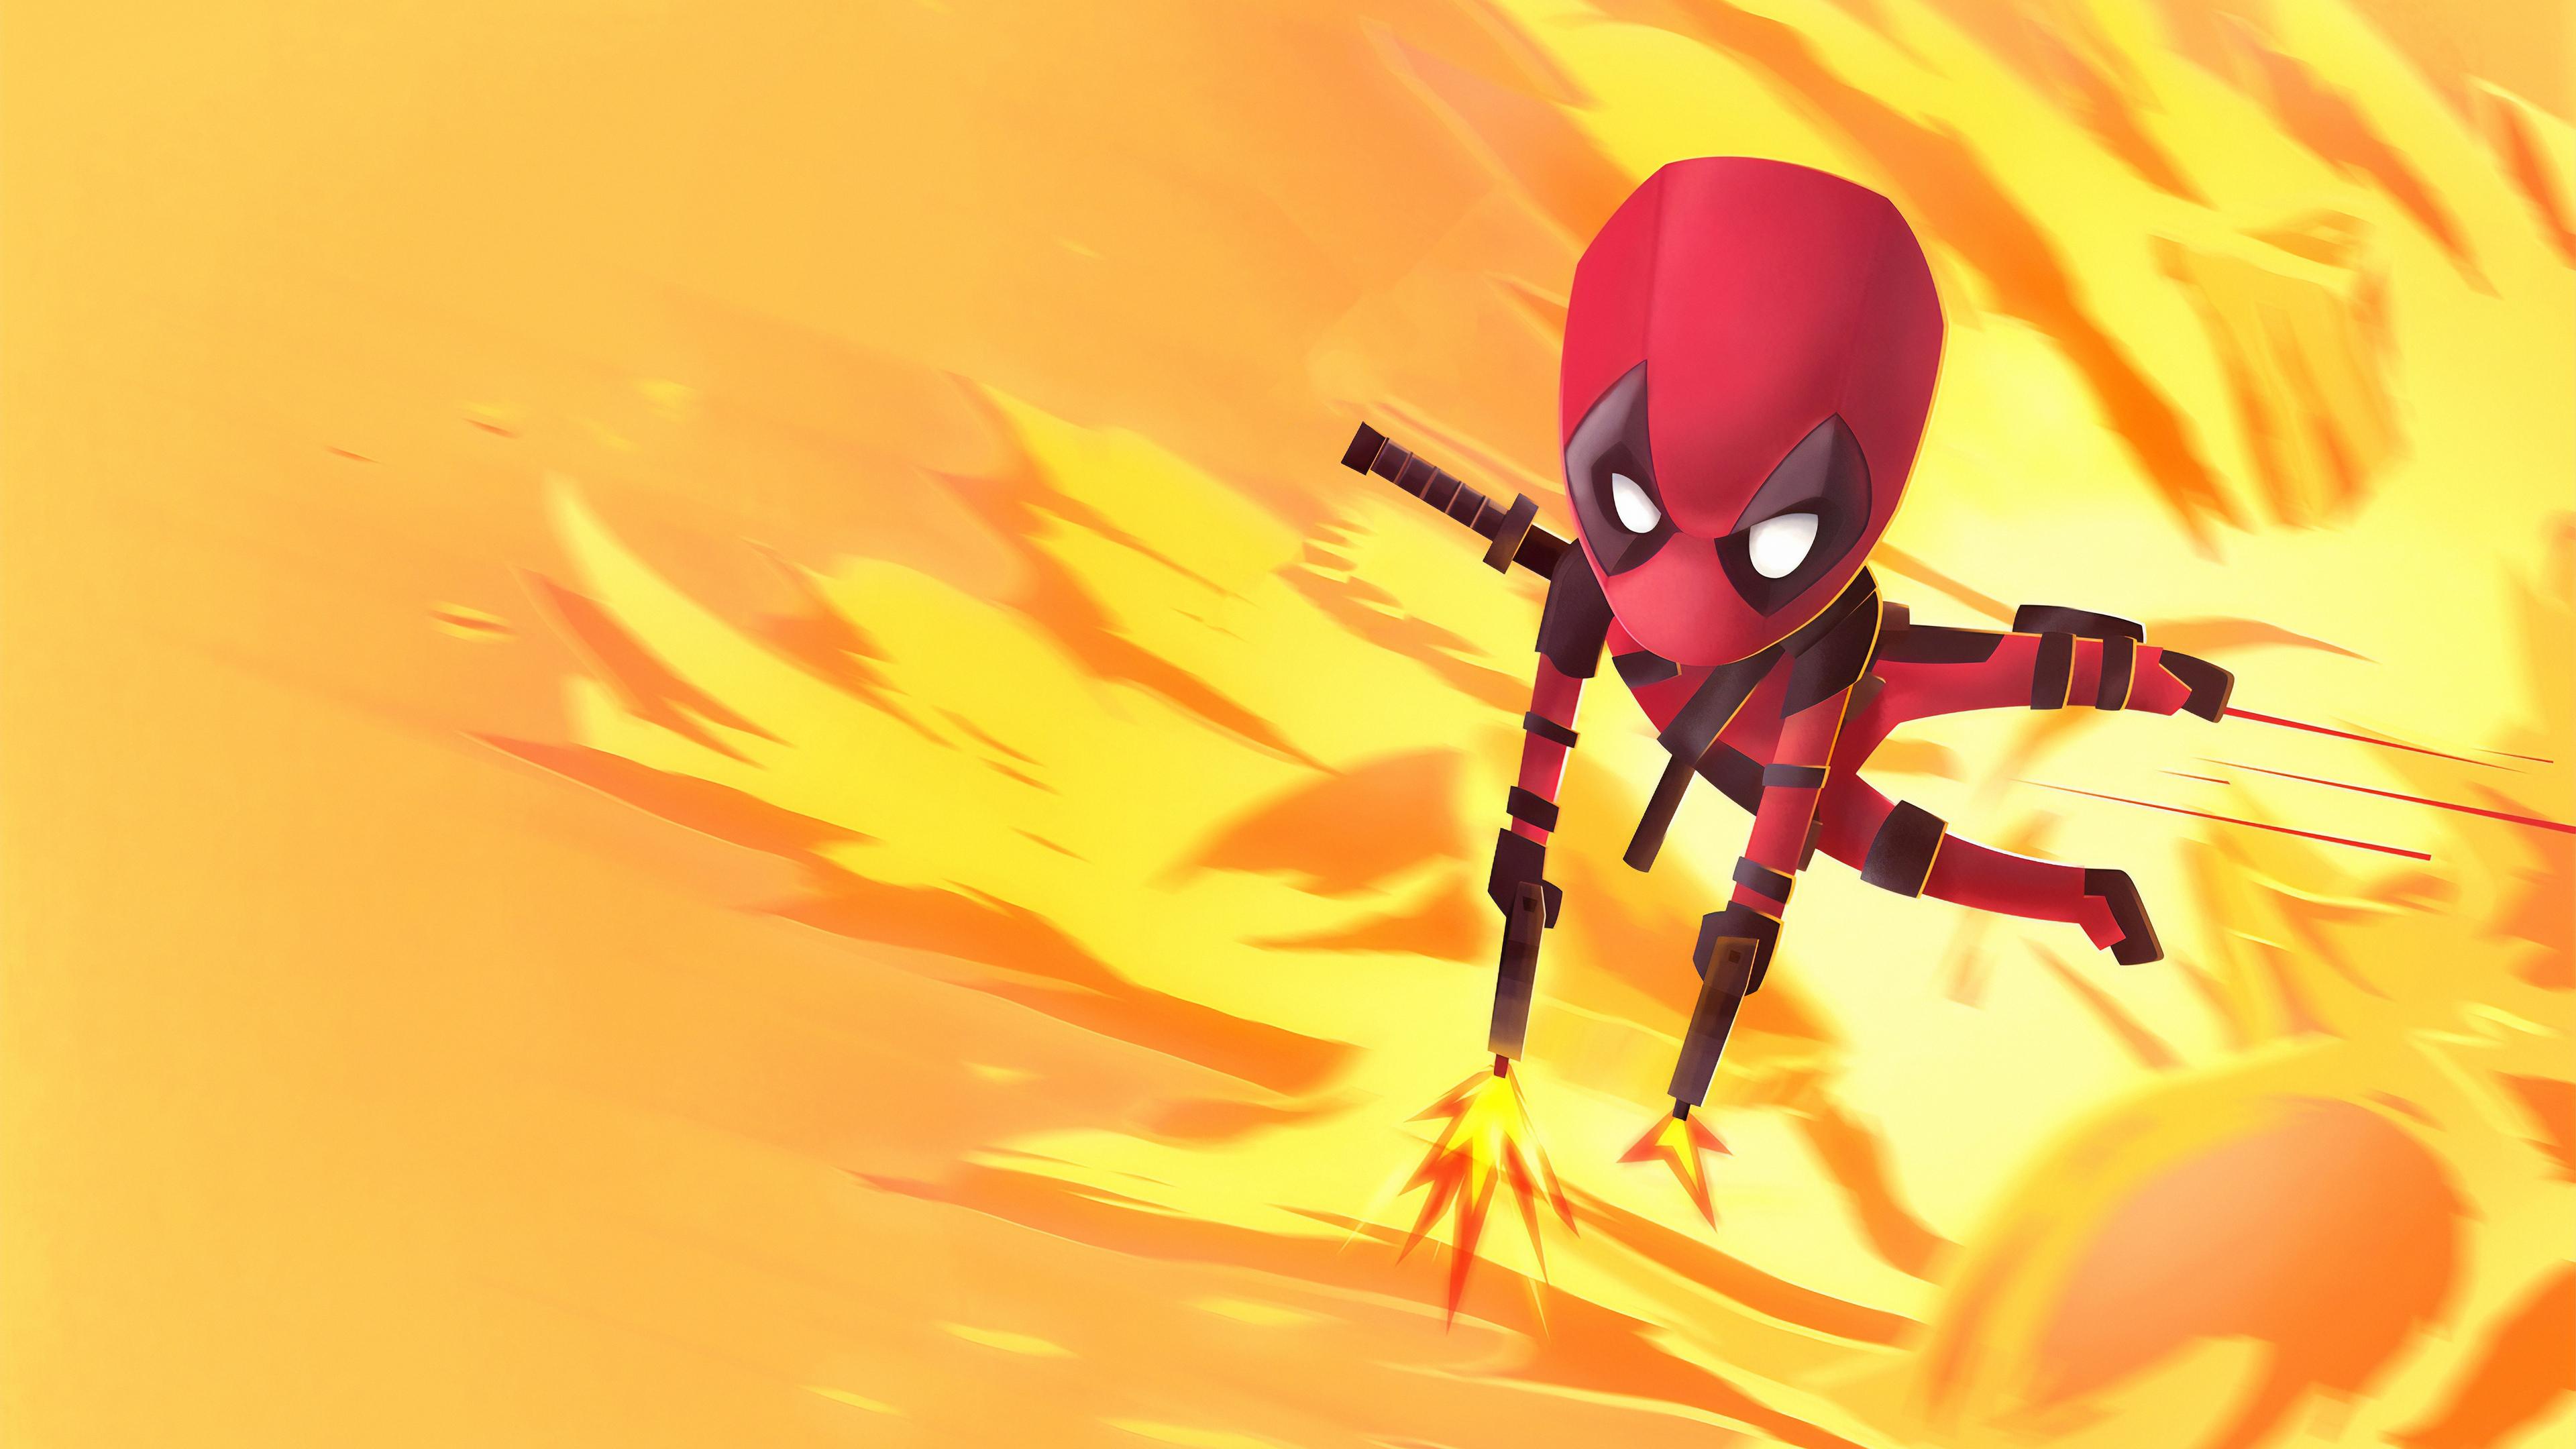 deadpool 2019 new 1570394637 - Deadpool 2019 New - superheroes wallpapers, hd-wallpapers, deadpool wallpapers, behance wallpapers, artwork wallpapers, 4k-wallpapers